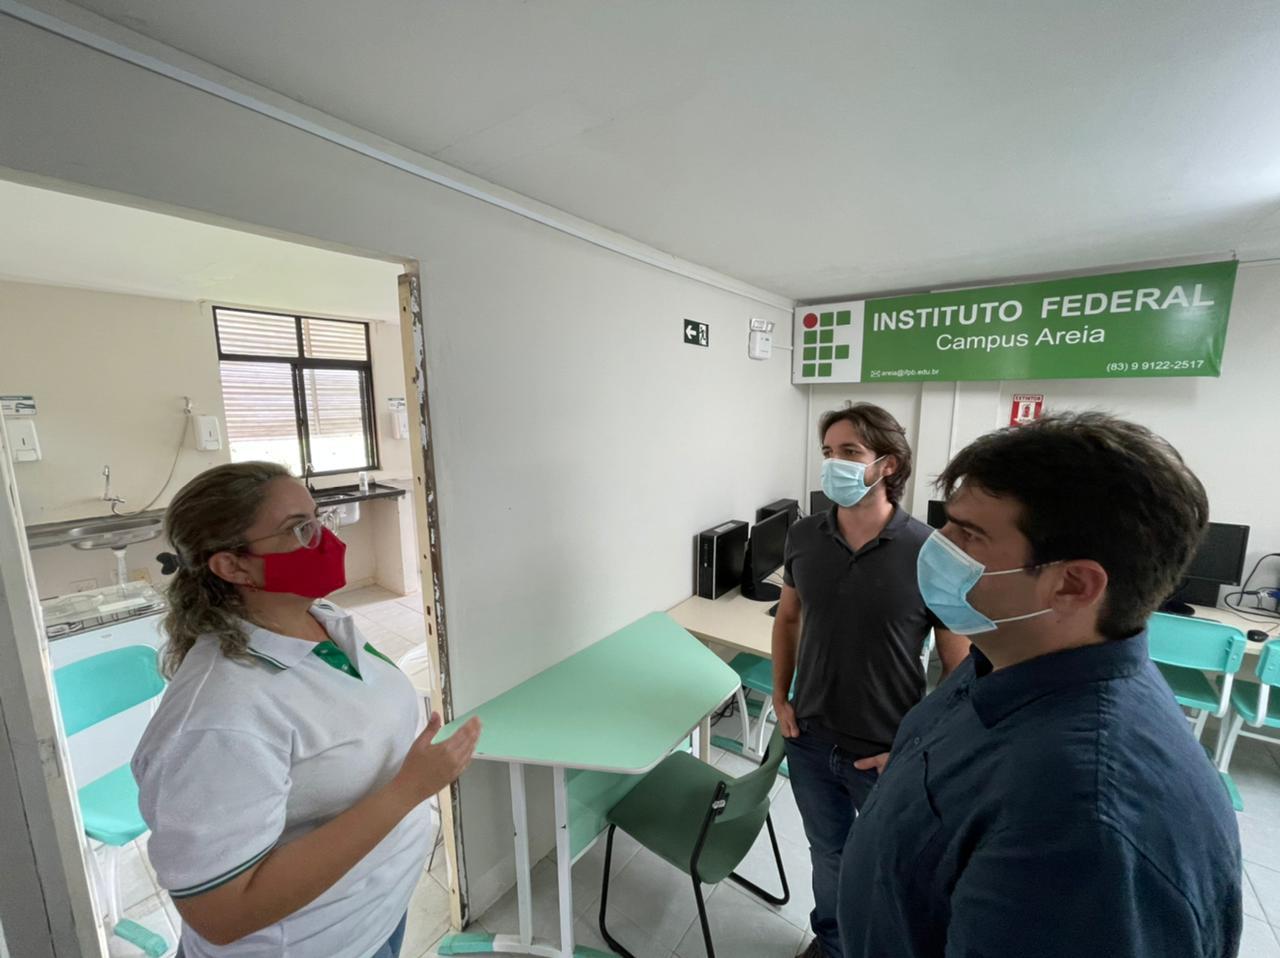 9d4e2316 970d 4f56 bde9 c5ed965ac470 1 - Em Areia, Eduardo critica suspensão de serviços na saúde do município e visita campus do IFPB